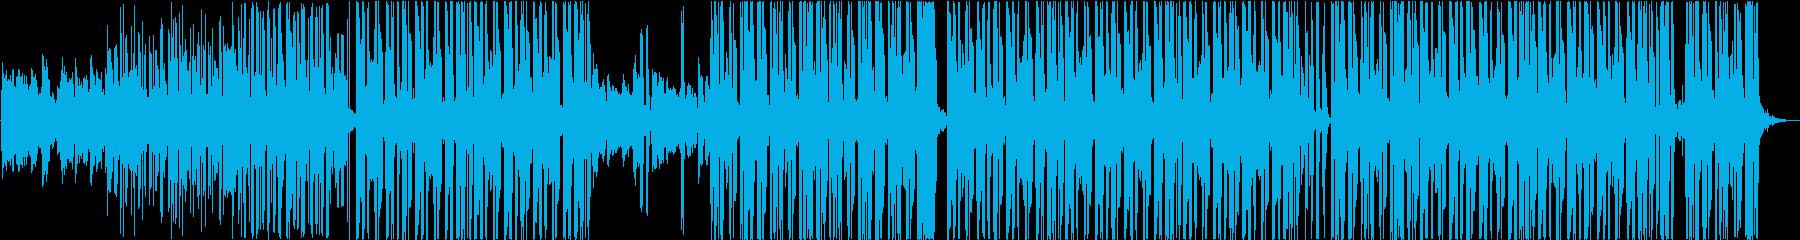 切ないエレクトロポップの再生済みの波形